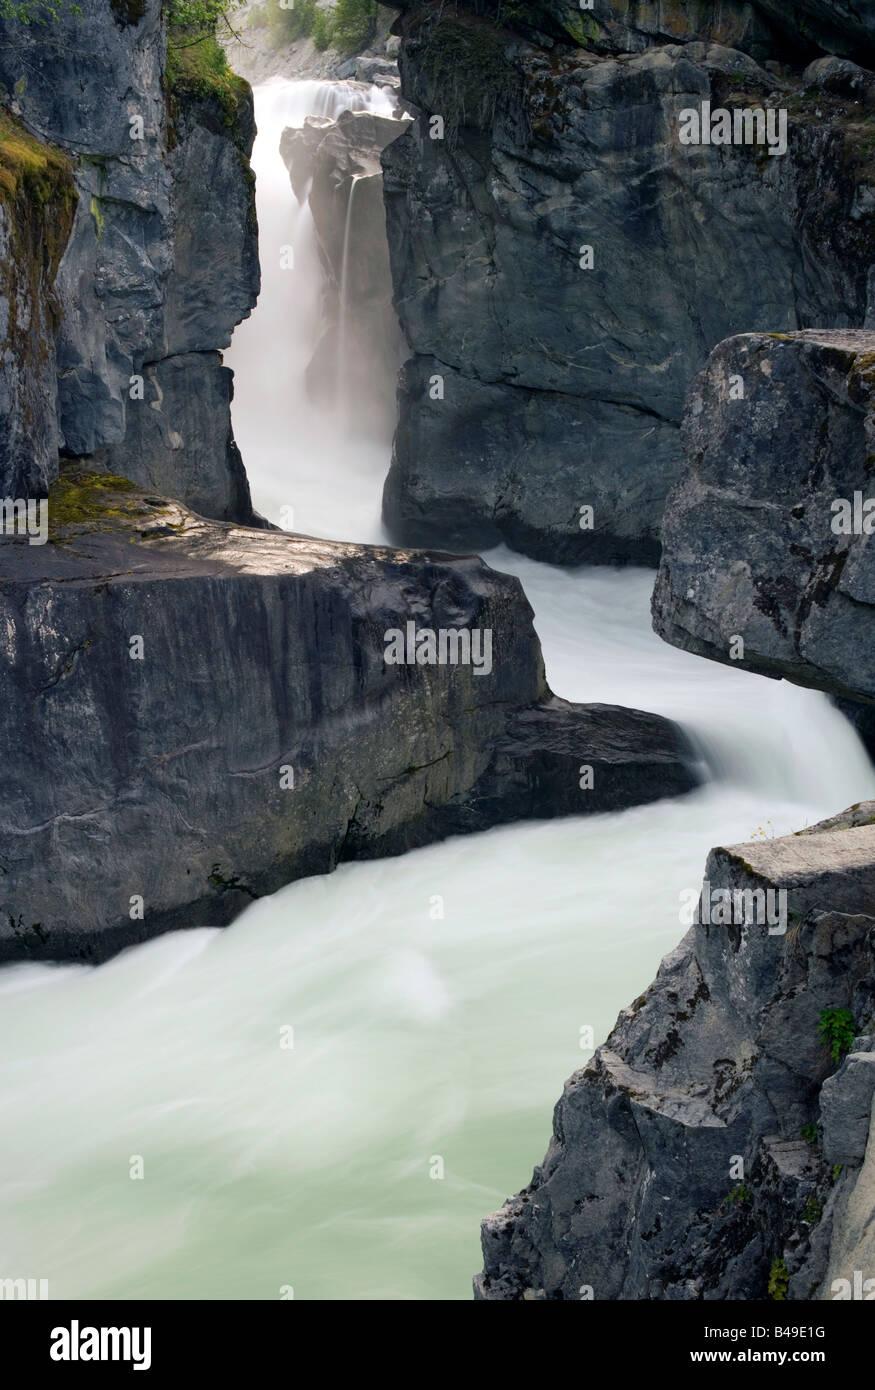 Nairn Falls in Pemberton, British Columbia, Canada. - Stock Image